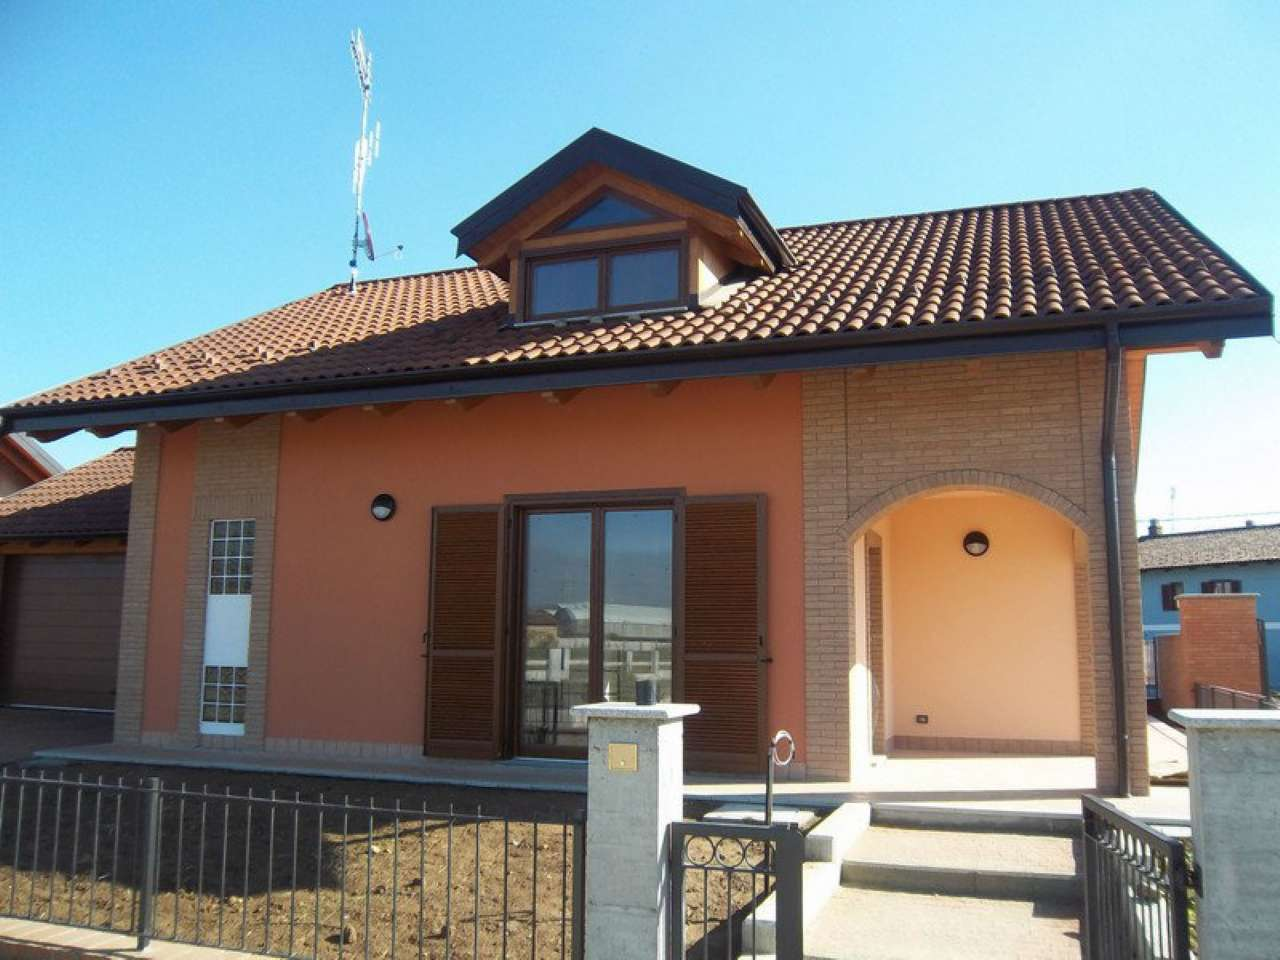 Villa in vendita a Chivasso, 5 locali, prezzo € 230.000 | CambioCasa.it